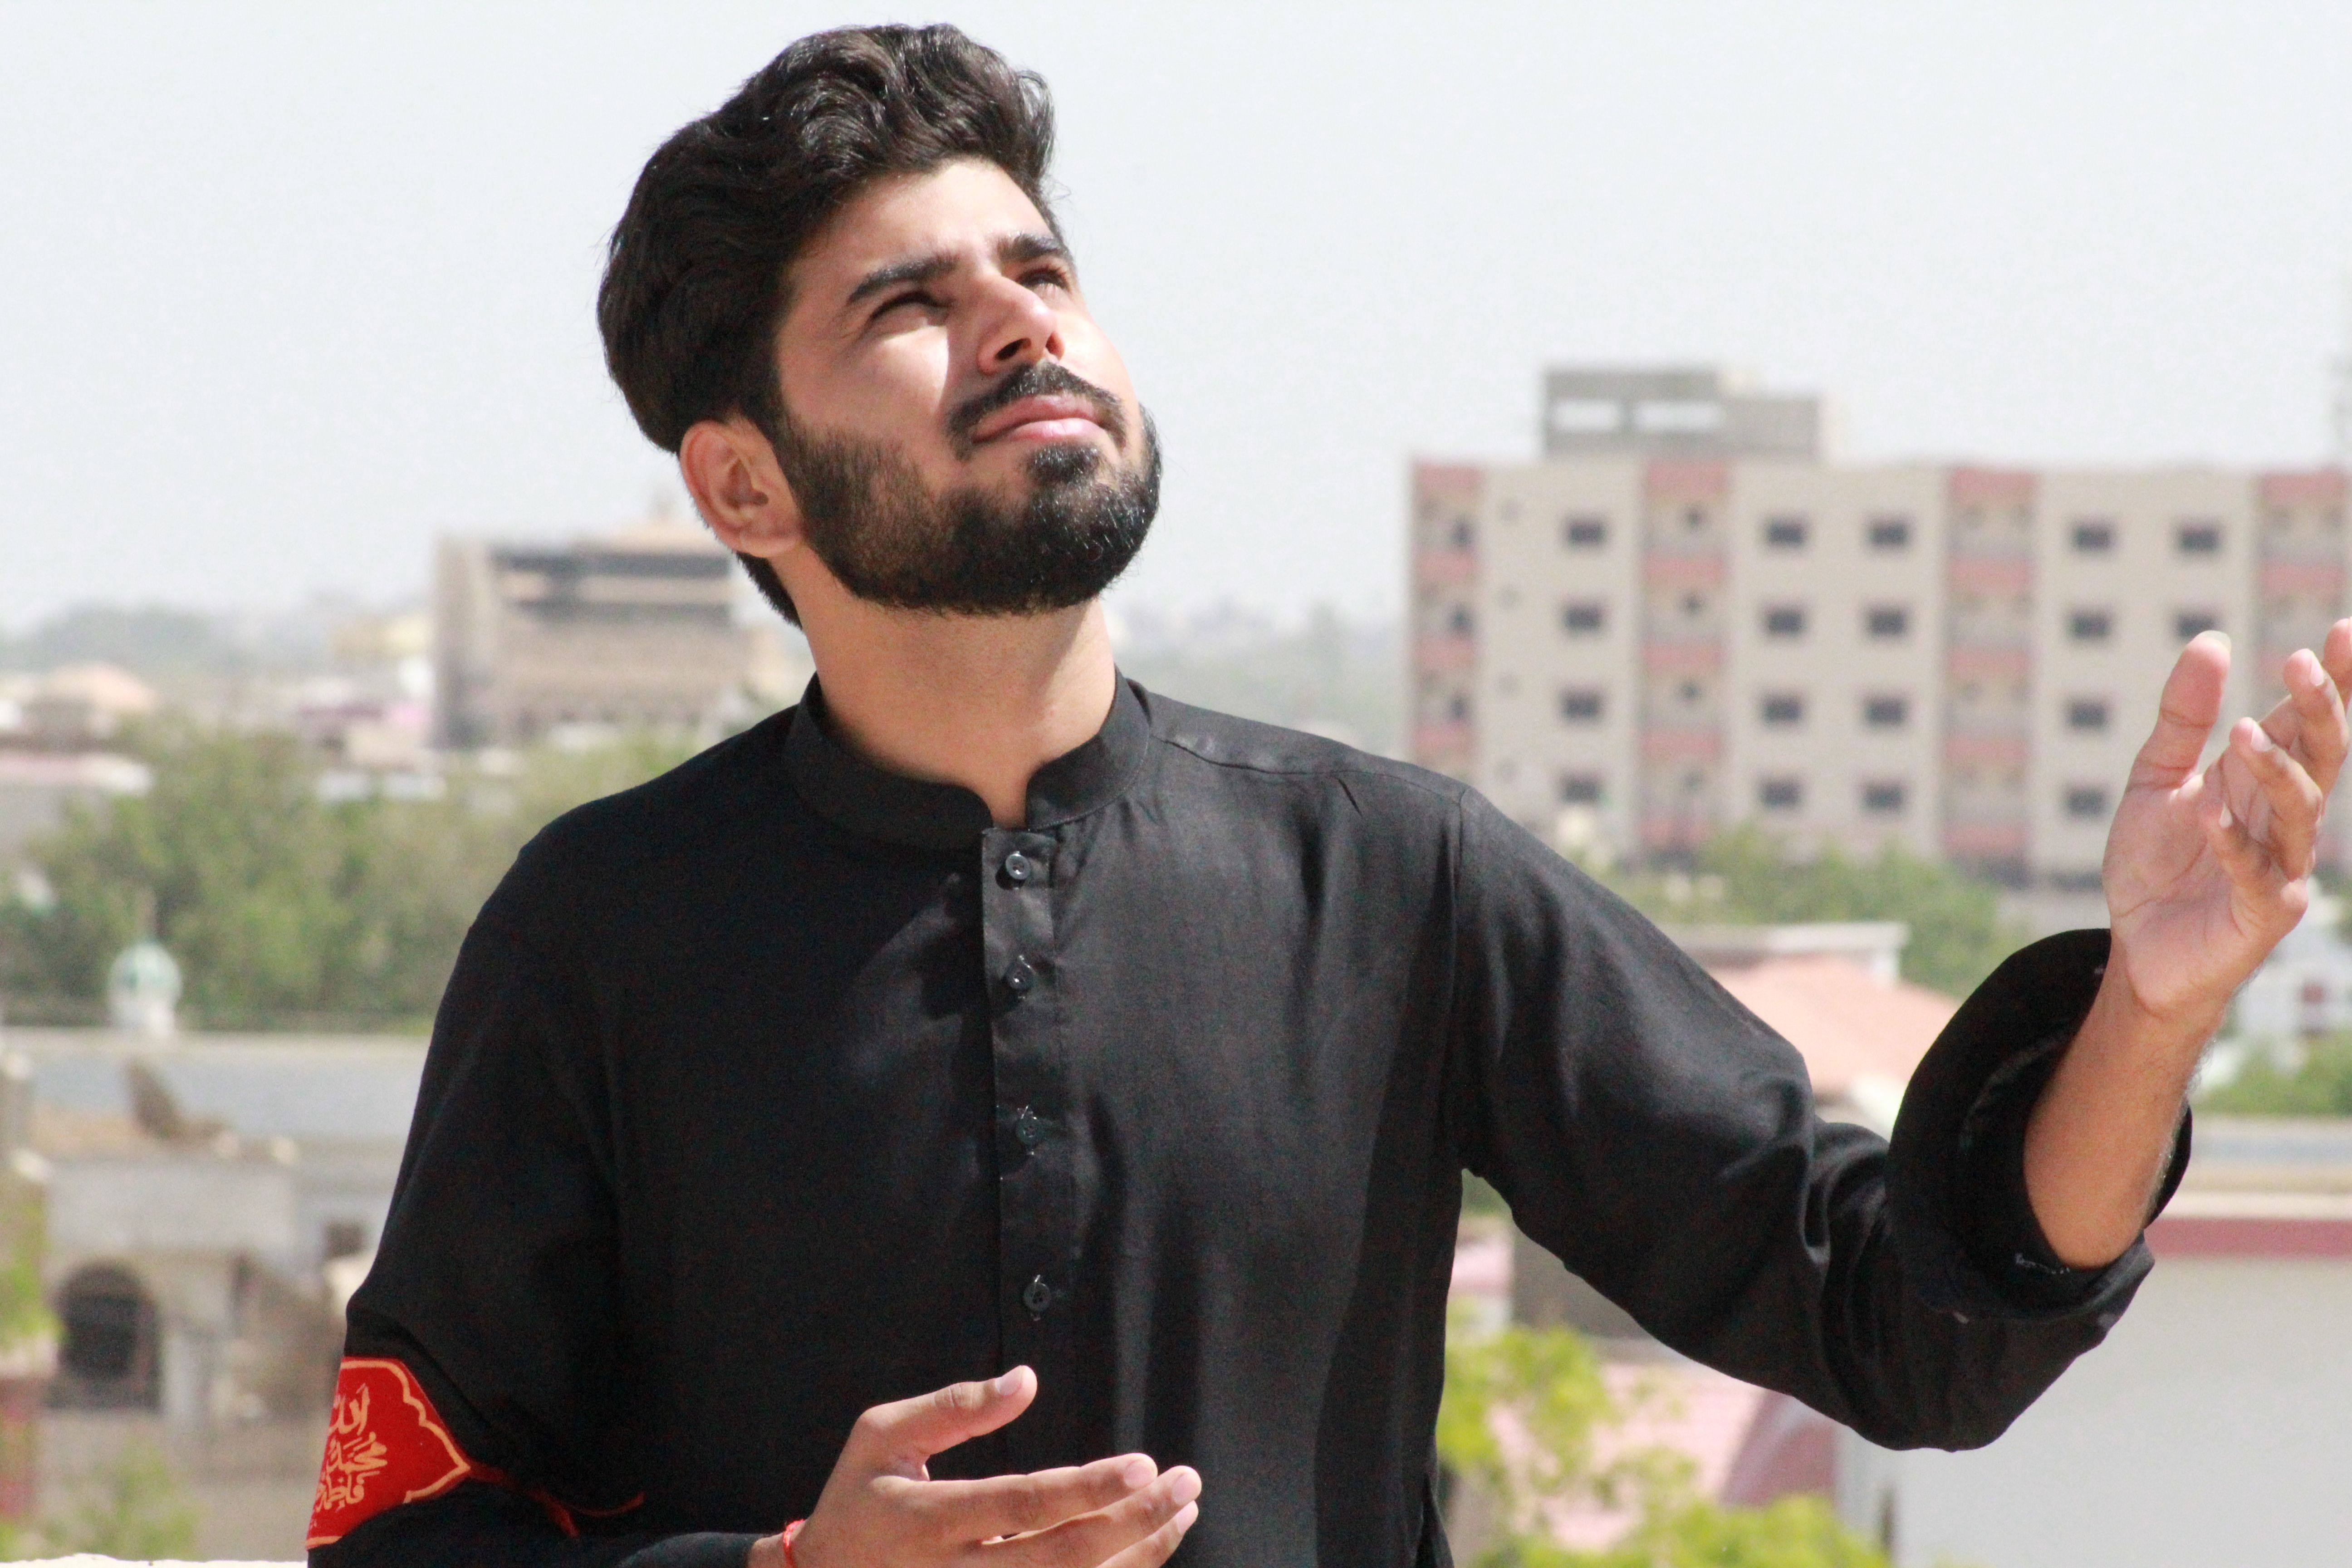 Nadeem sarwar menus hairstyles like barber in pinterest